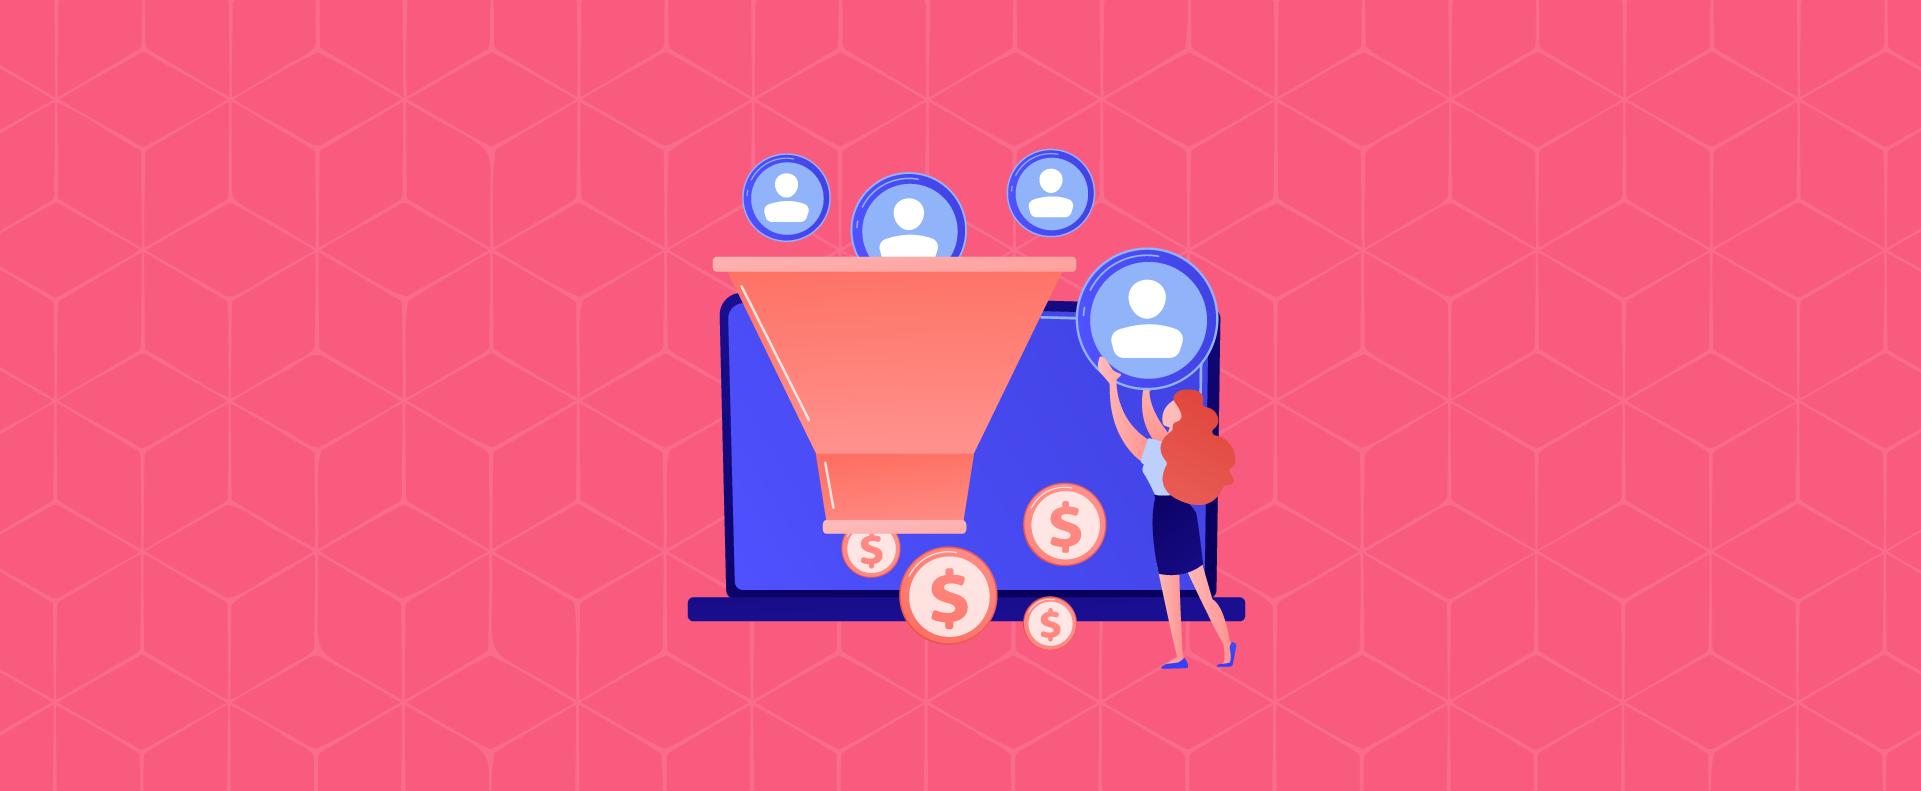 Quer aumentar sua carteira de clientes? Confira estas 5 dicas!